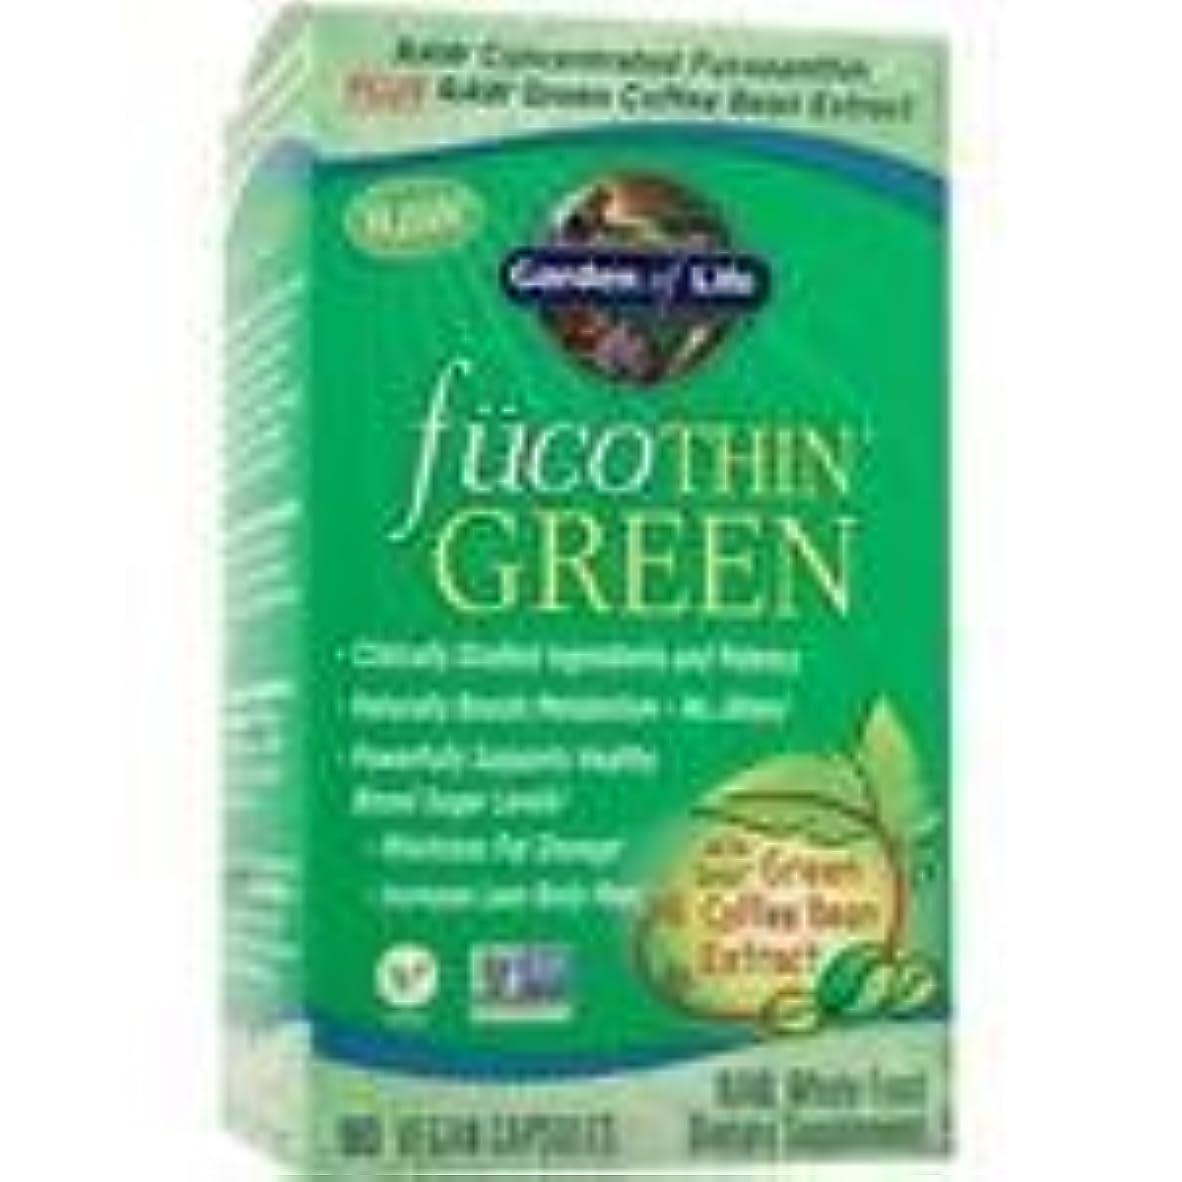 同級生暴露するインスタンスFucoThin Green 90 vcaps 2個パック